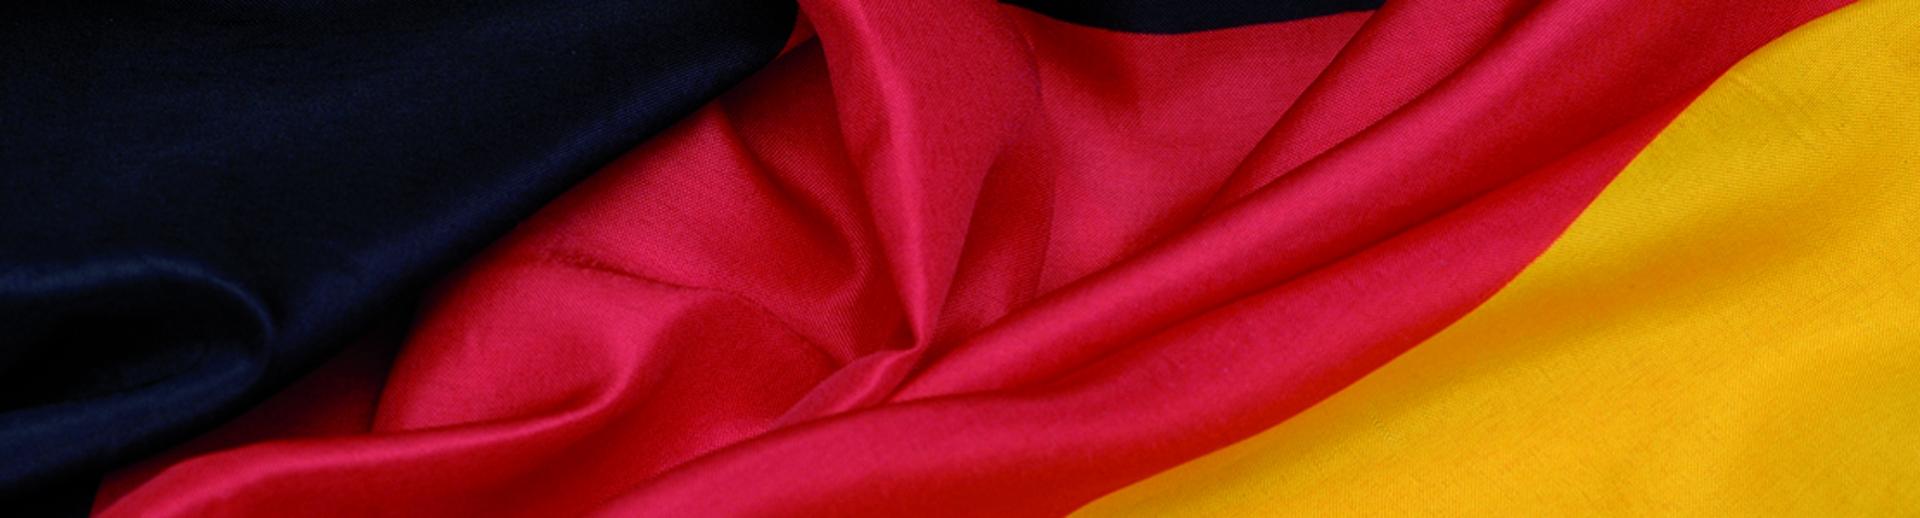 Austérité allemande : sortir de la caricature